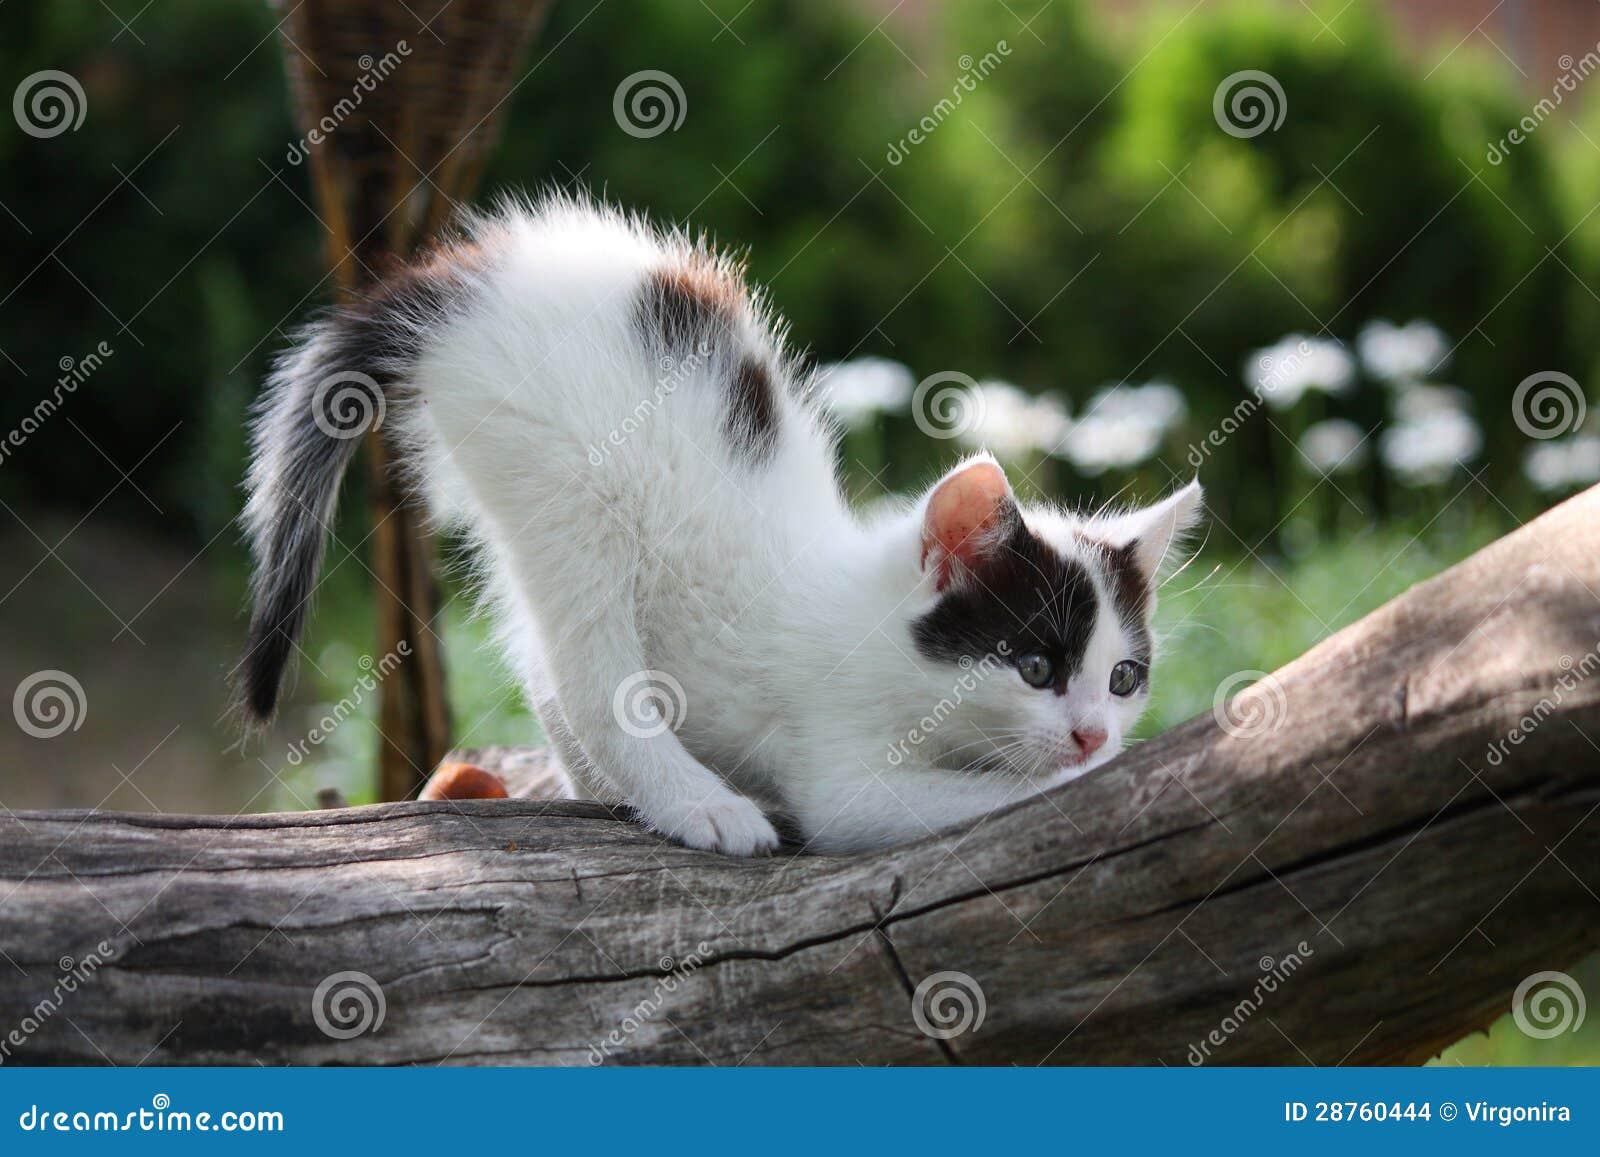 Den små vitkattungen som skrapar treen, förgrena sig